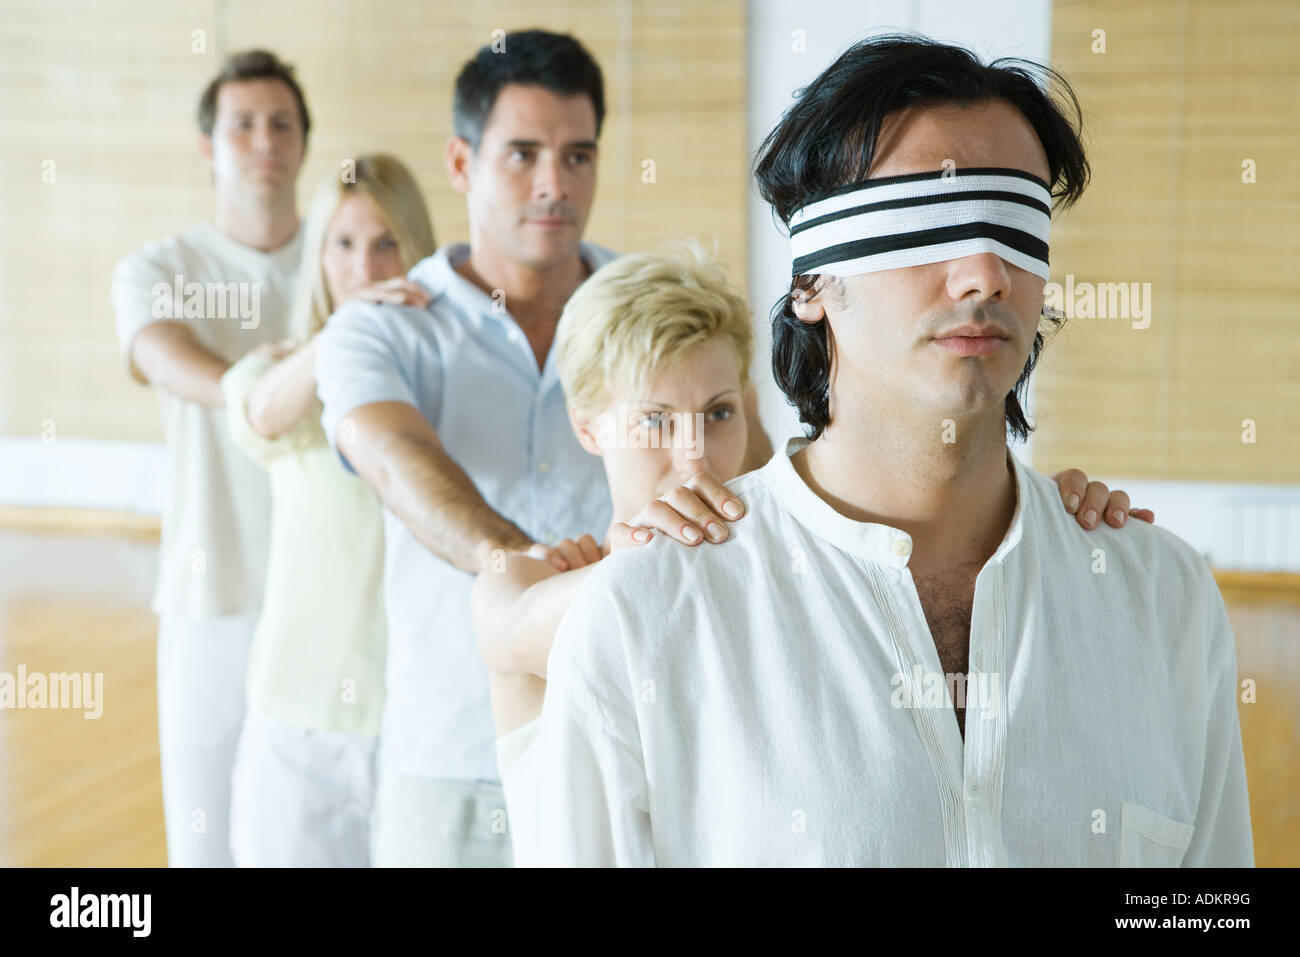 Gruppentherapie, stehend im Gänsemarsch Linie mit den Händen auf die Schultern, Mann mit verbundenen Augen Stockbild